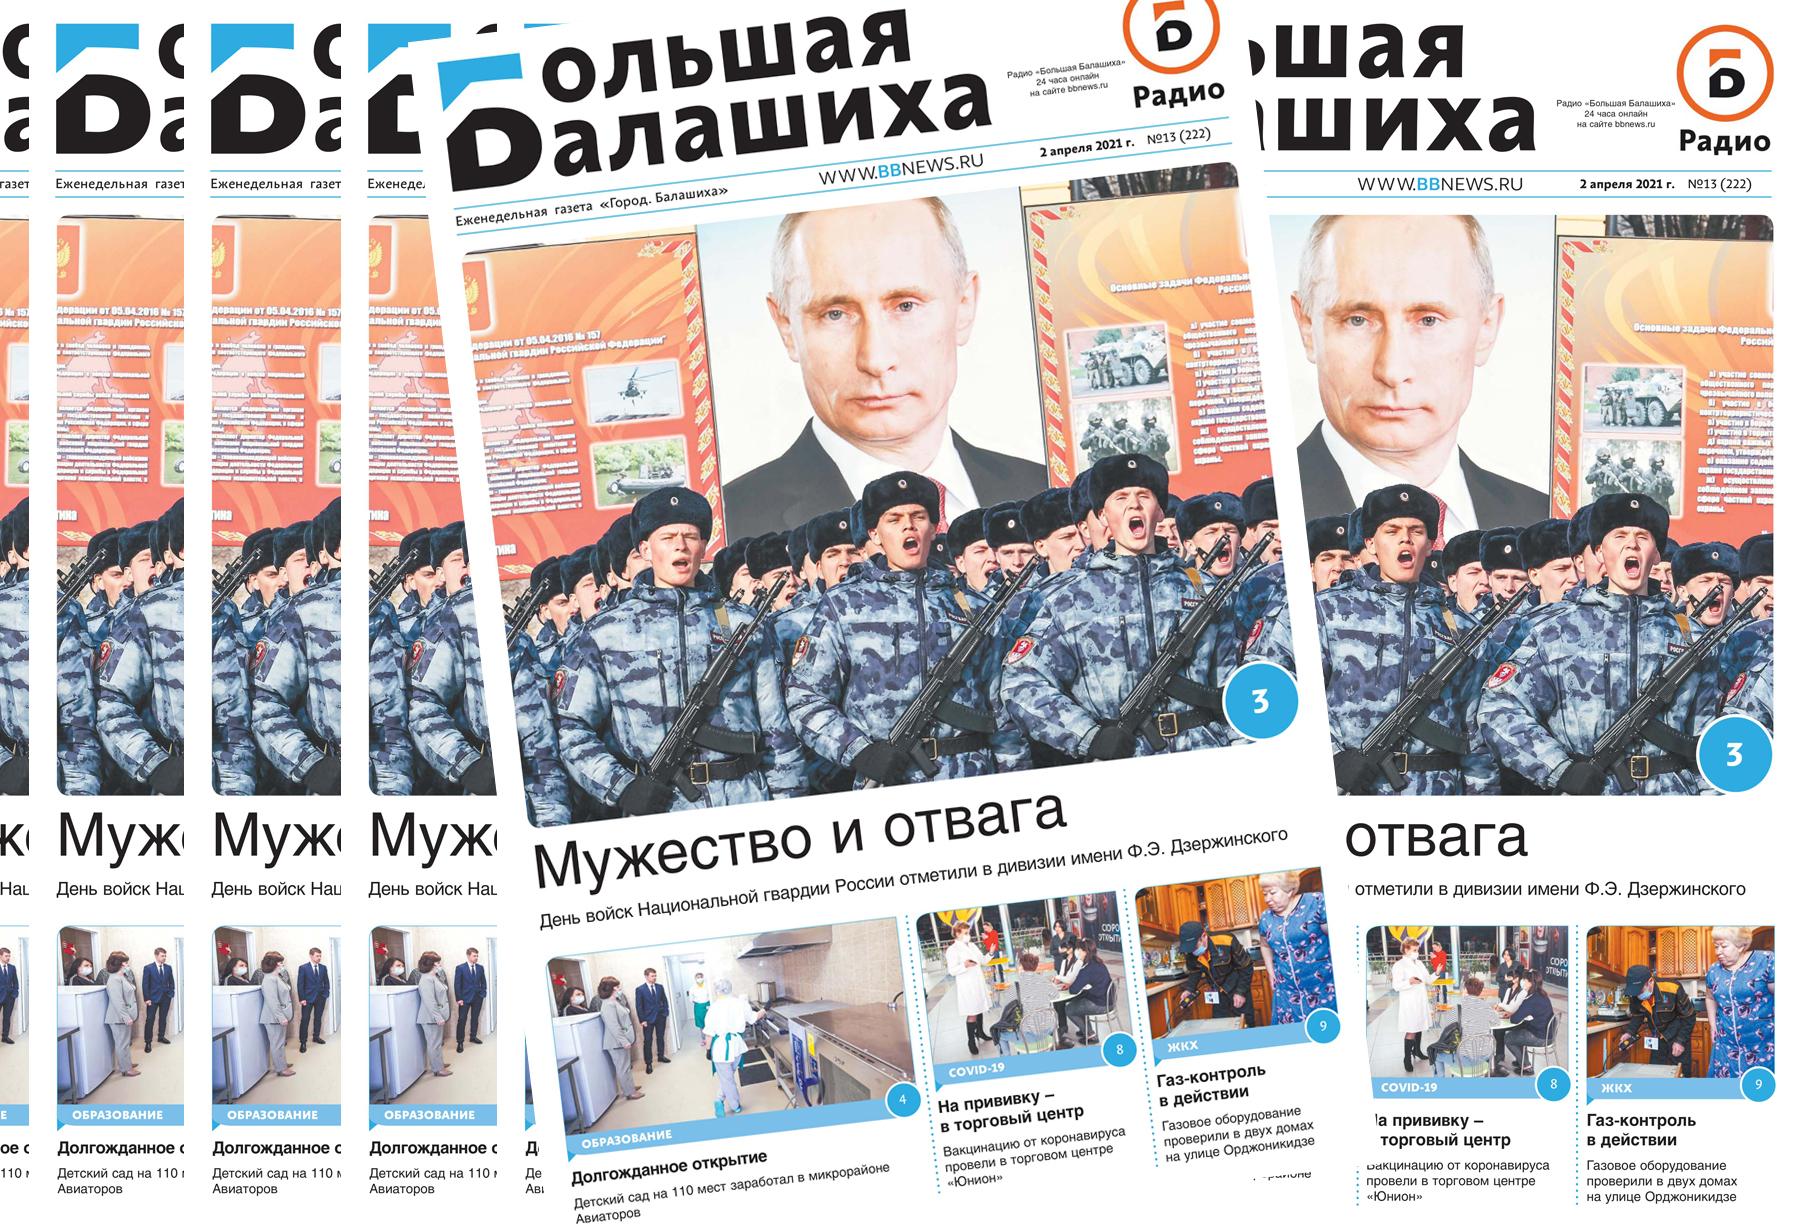 Вышла газета «Город Балашиха» №13 (222)